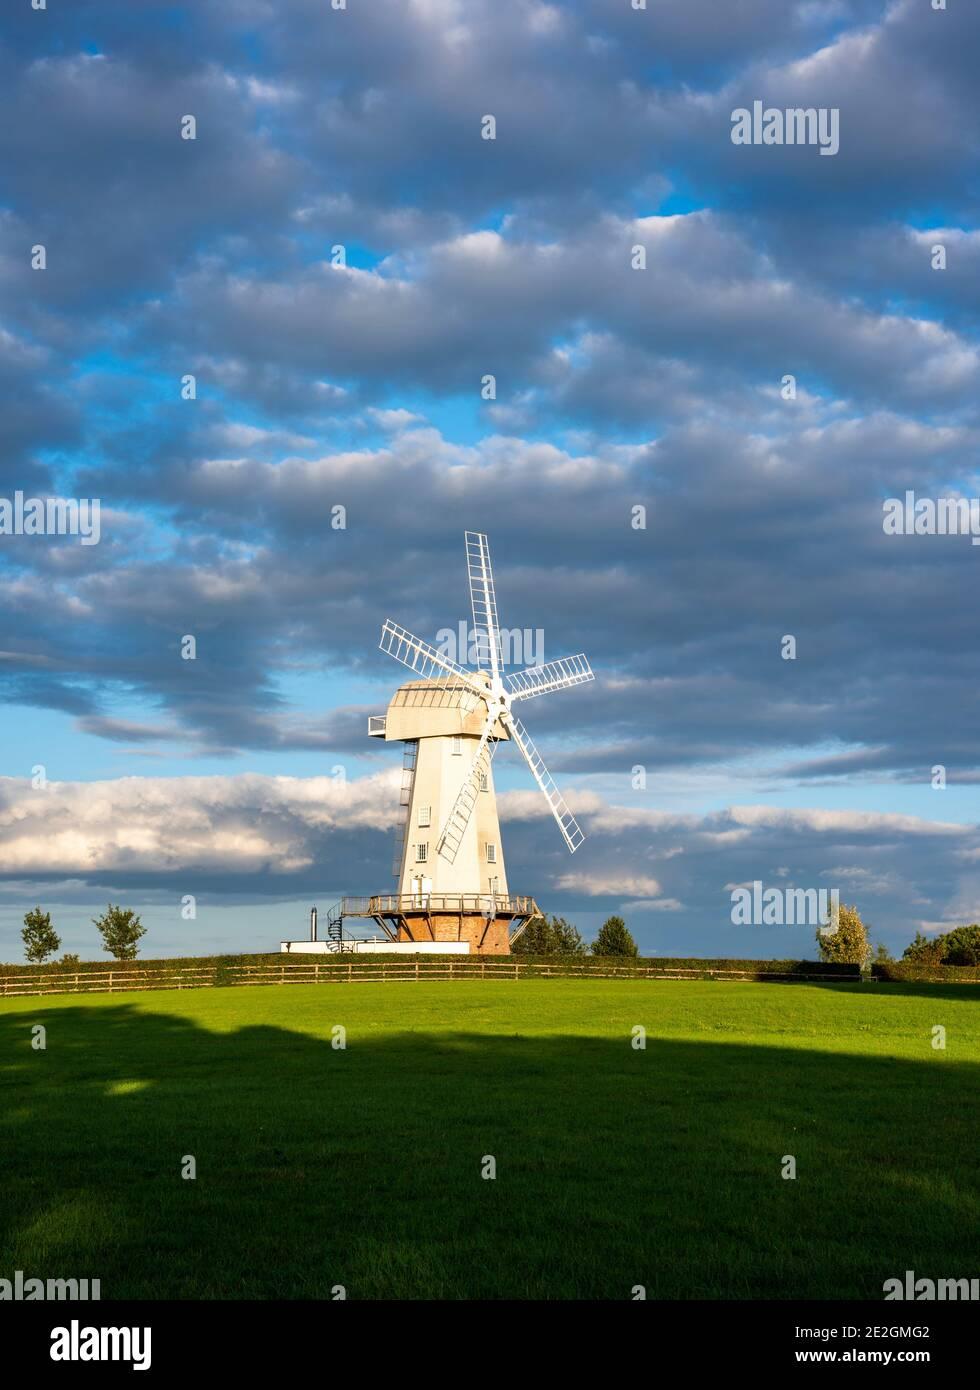 Ringle Crouch Green Mill à Sandhurst, Kent. ROYAUME-UNI Banque D'Images